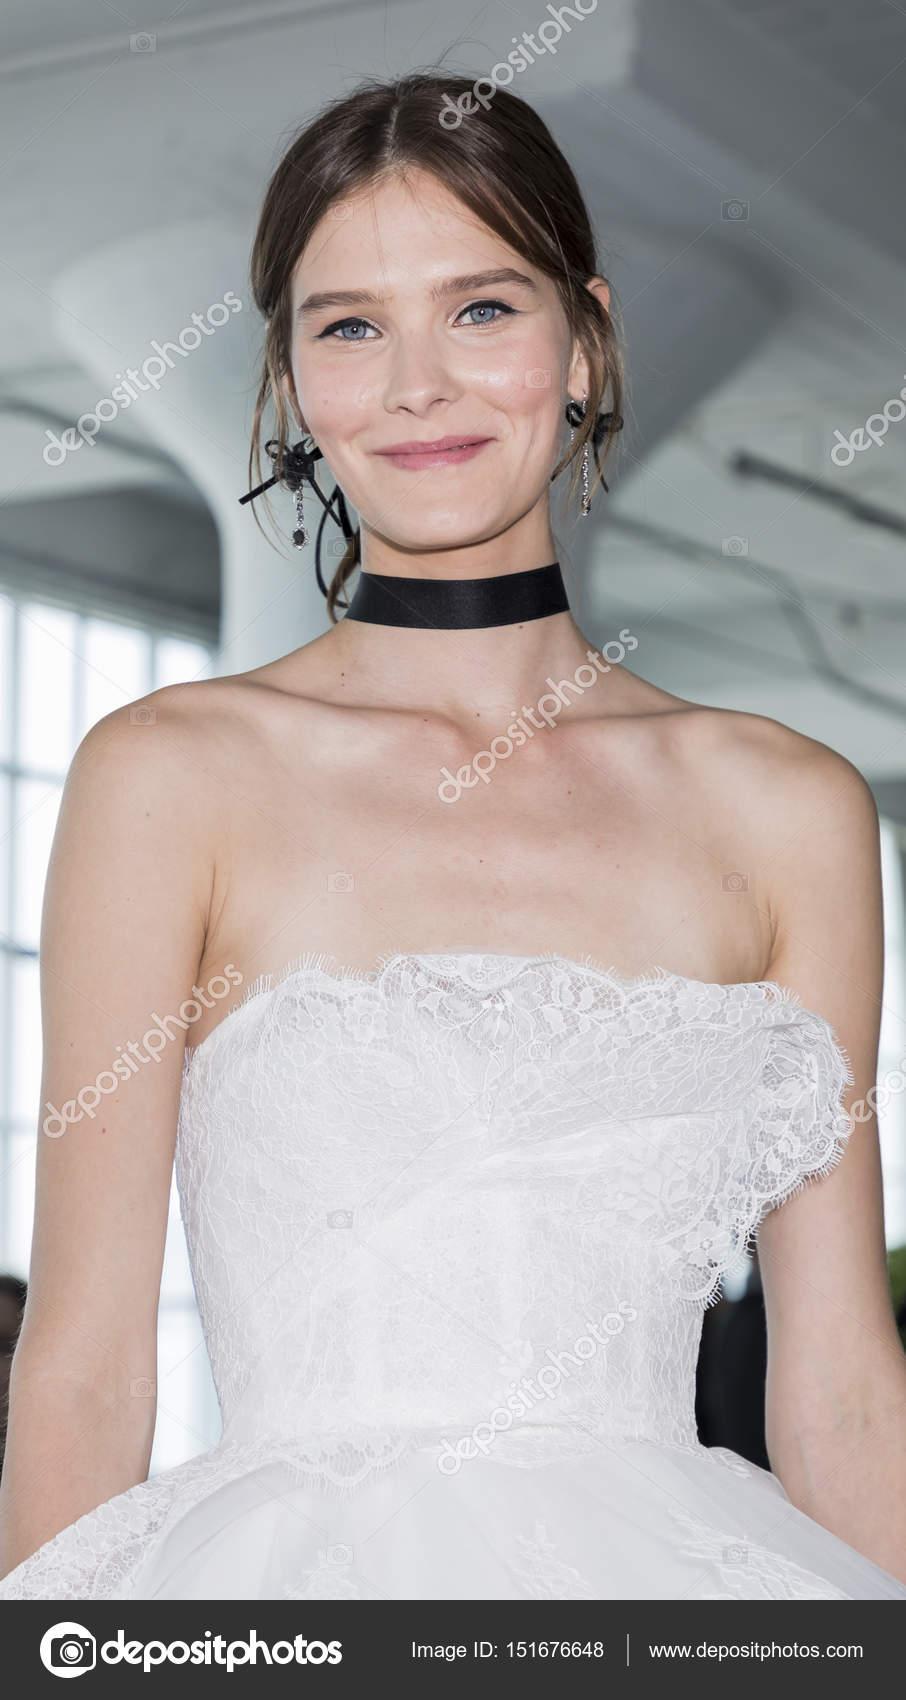 modelo muestra un vestido — Foto editorial de stock © SamAronov ...